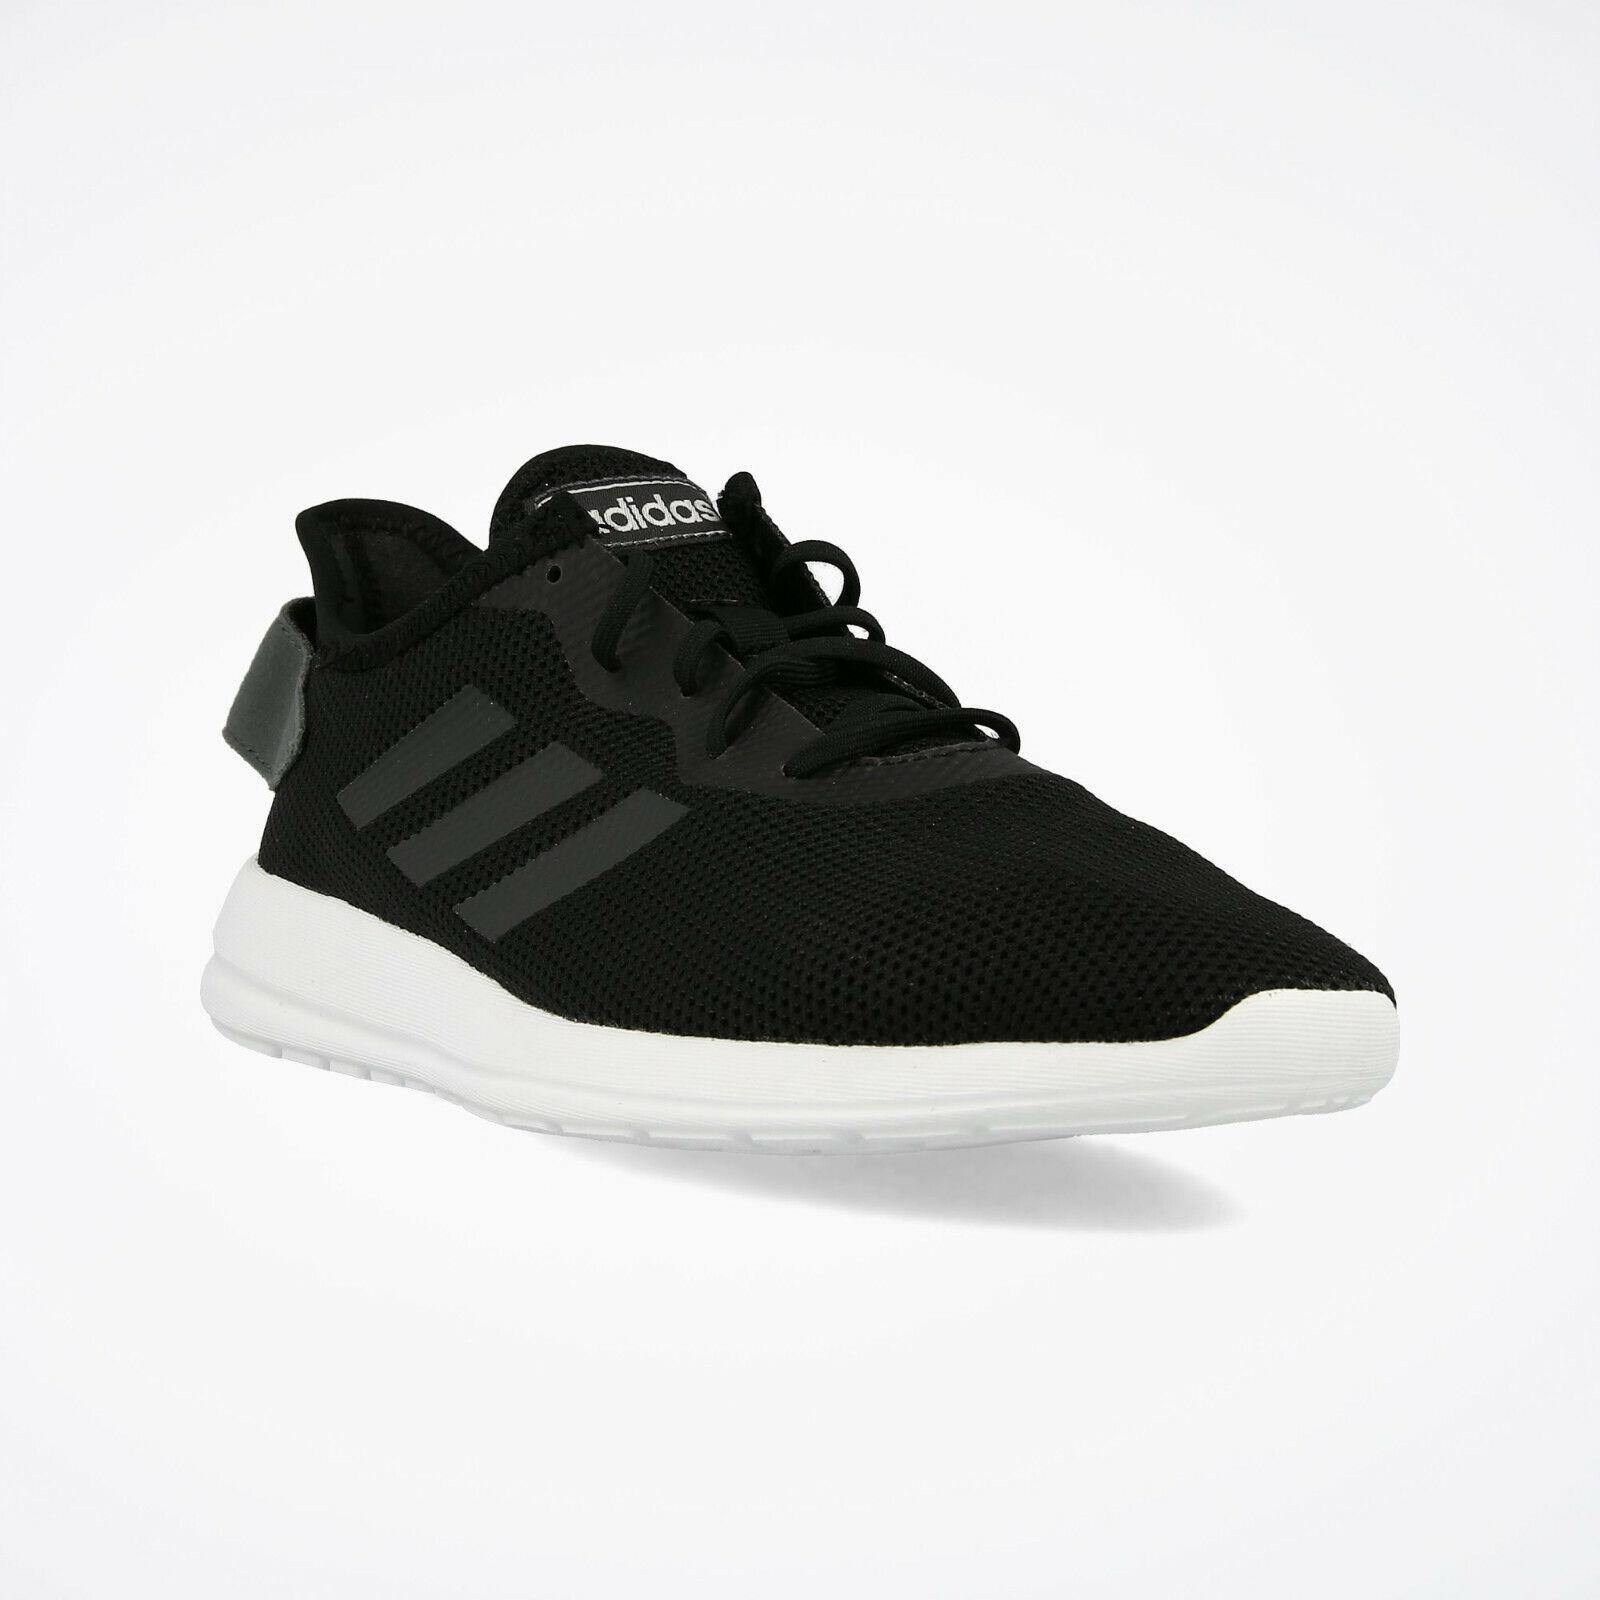 Adidas Mujer Zapatillas Corriendo Yatra Moderno Entrenamiento botas Gimnasio   Ahorre 35% - 70% de descuento